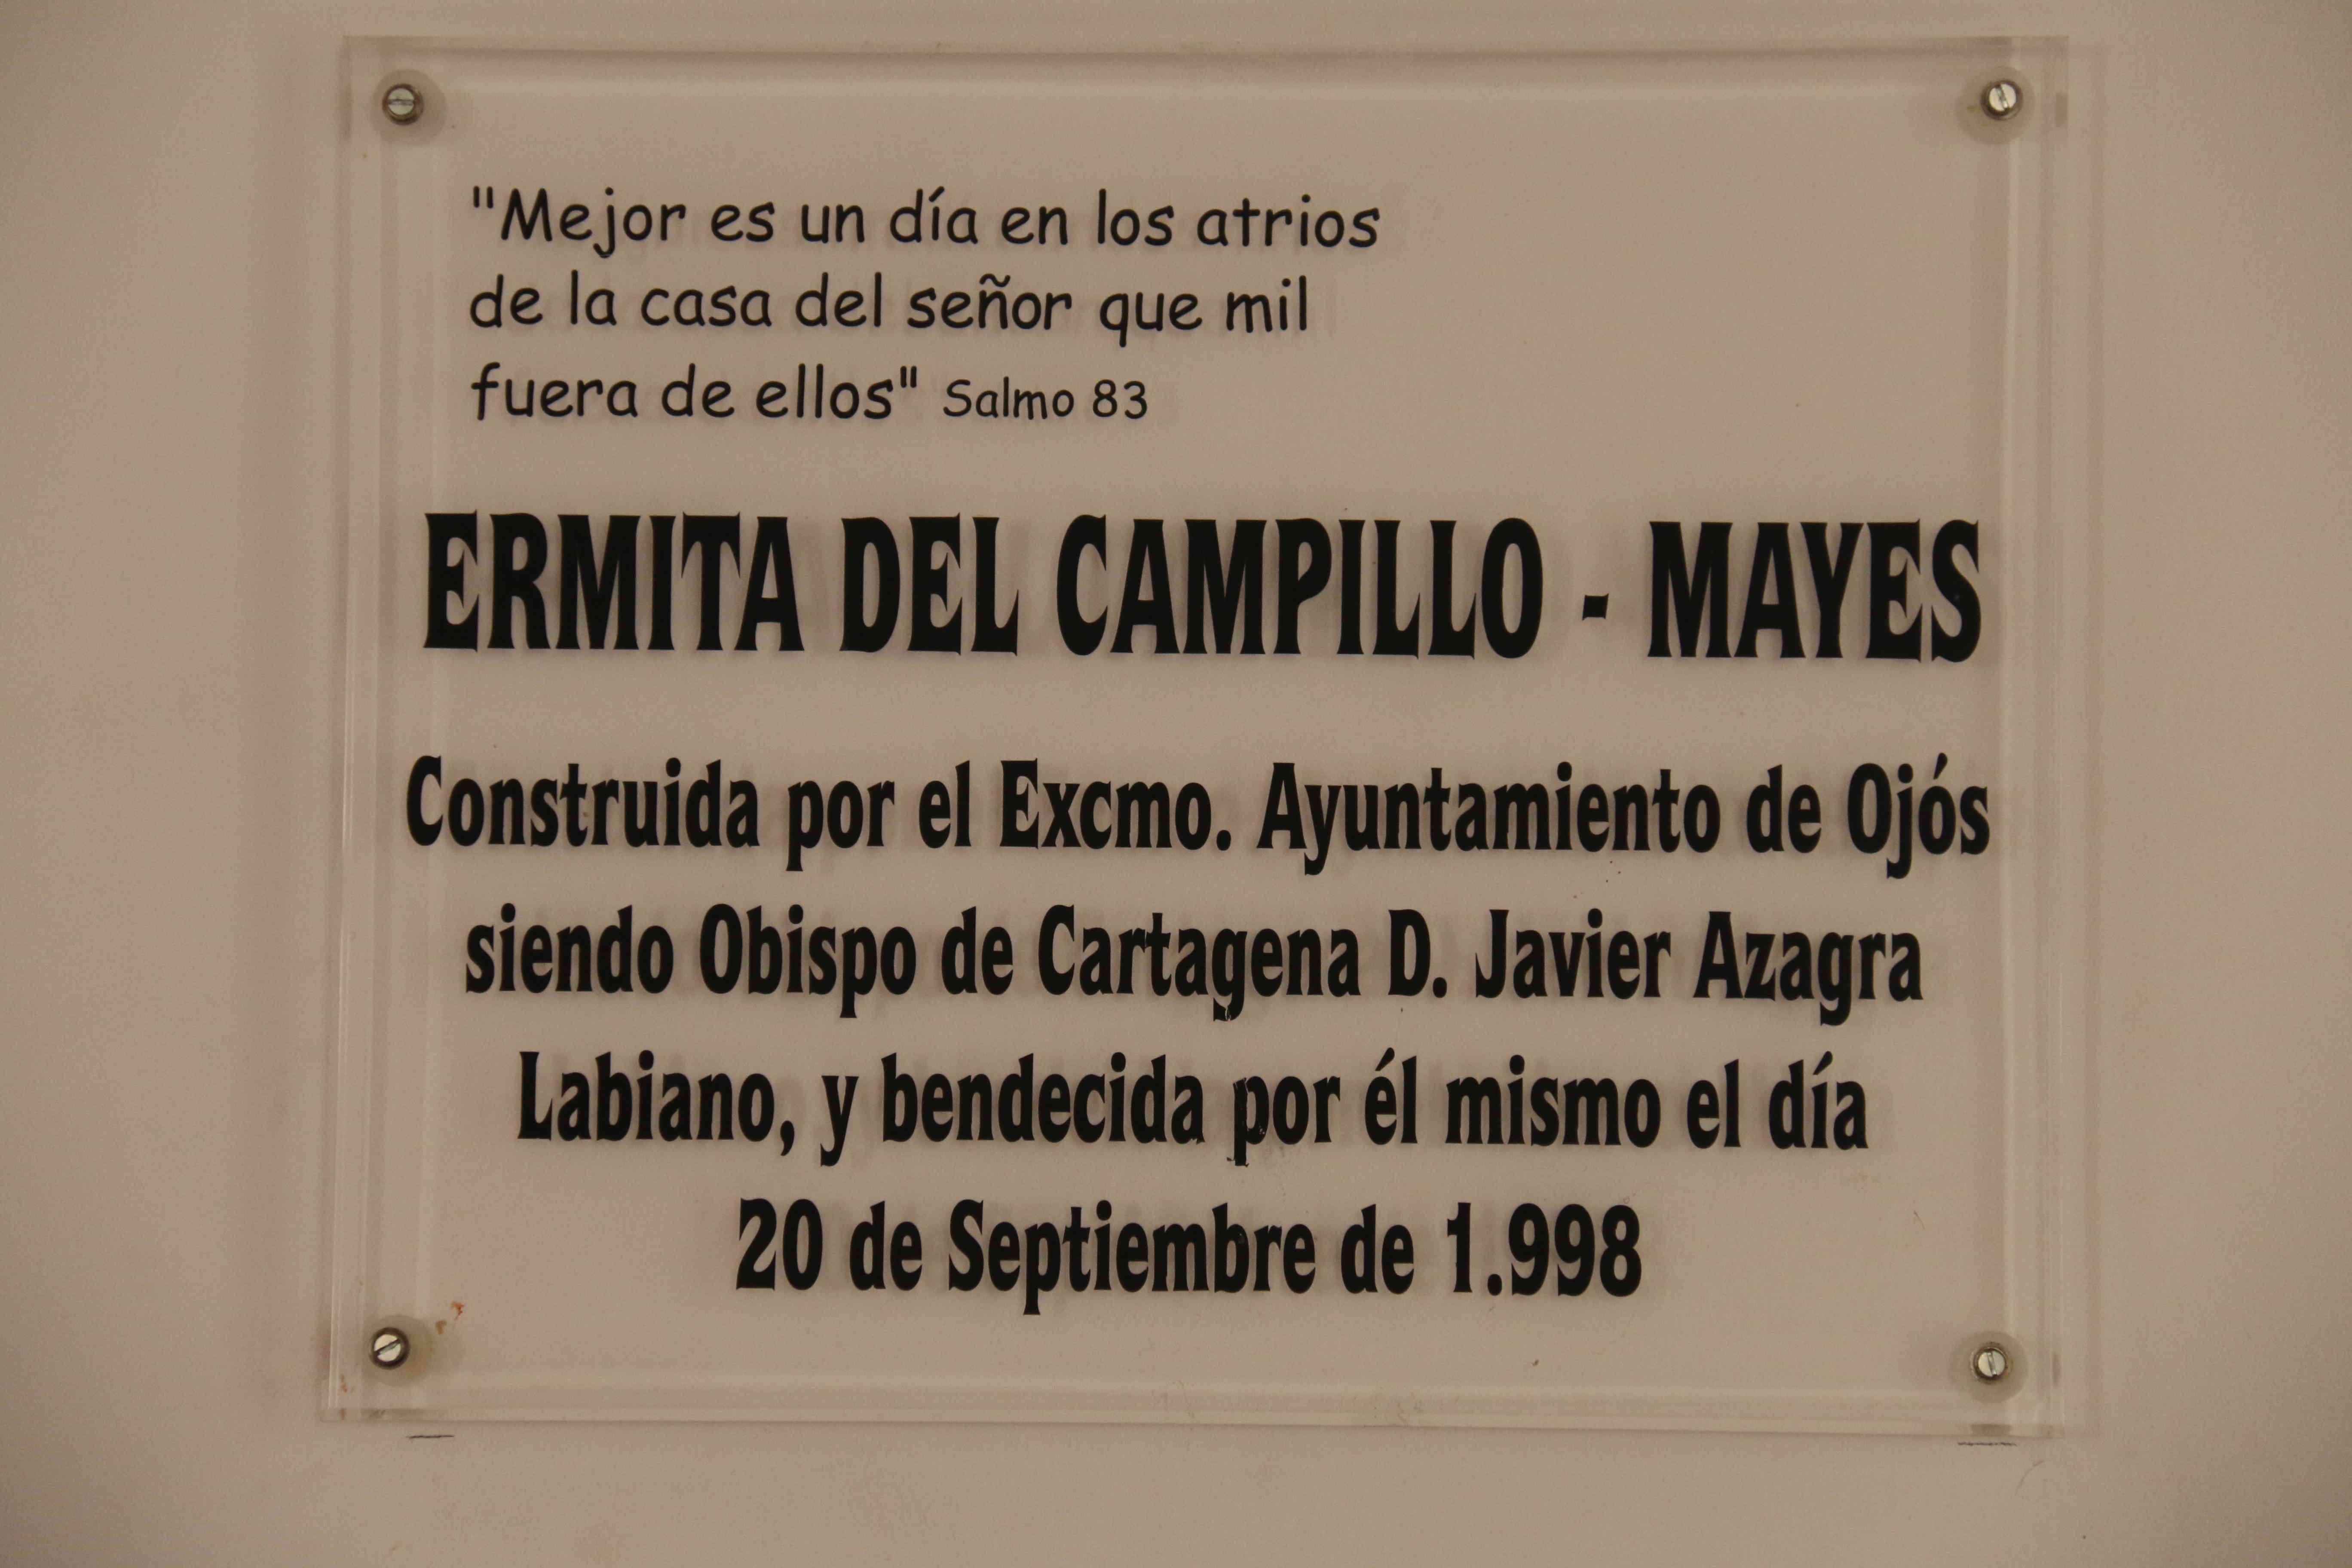 Ermita del Campillo - Mayes